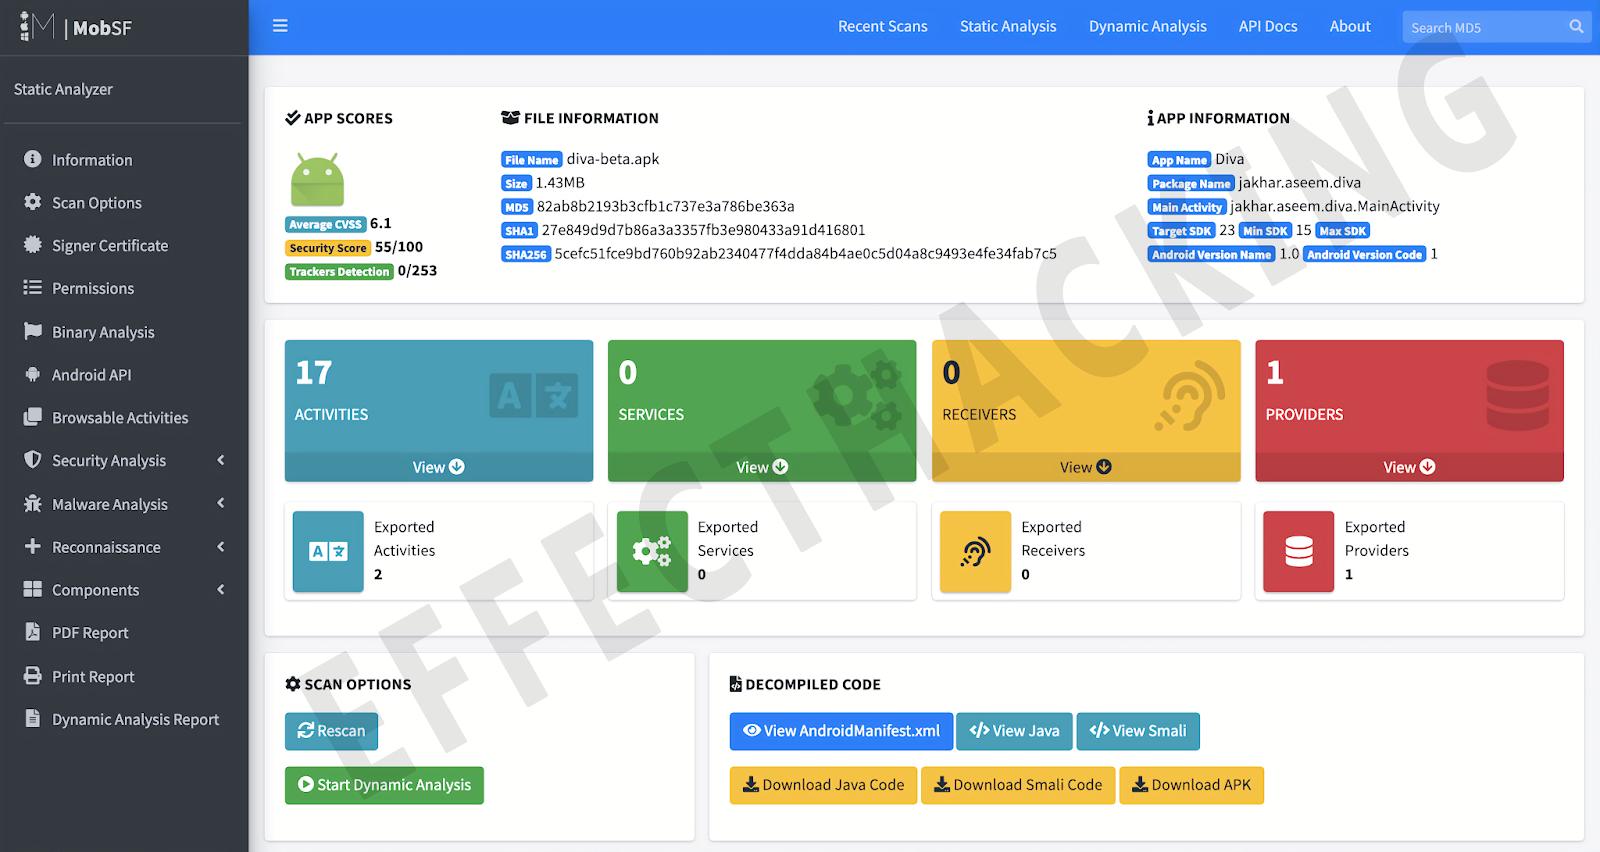 MobSF Android स्थैतिक विश्लेषण स्क्रीनशॉट